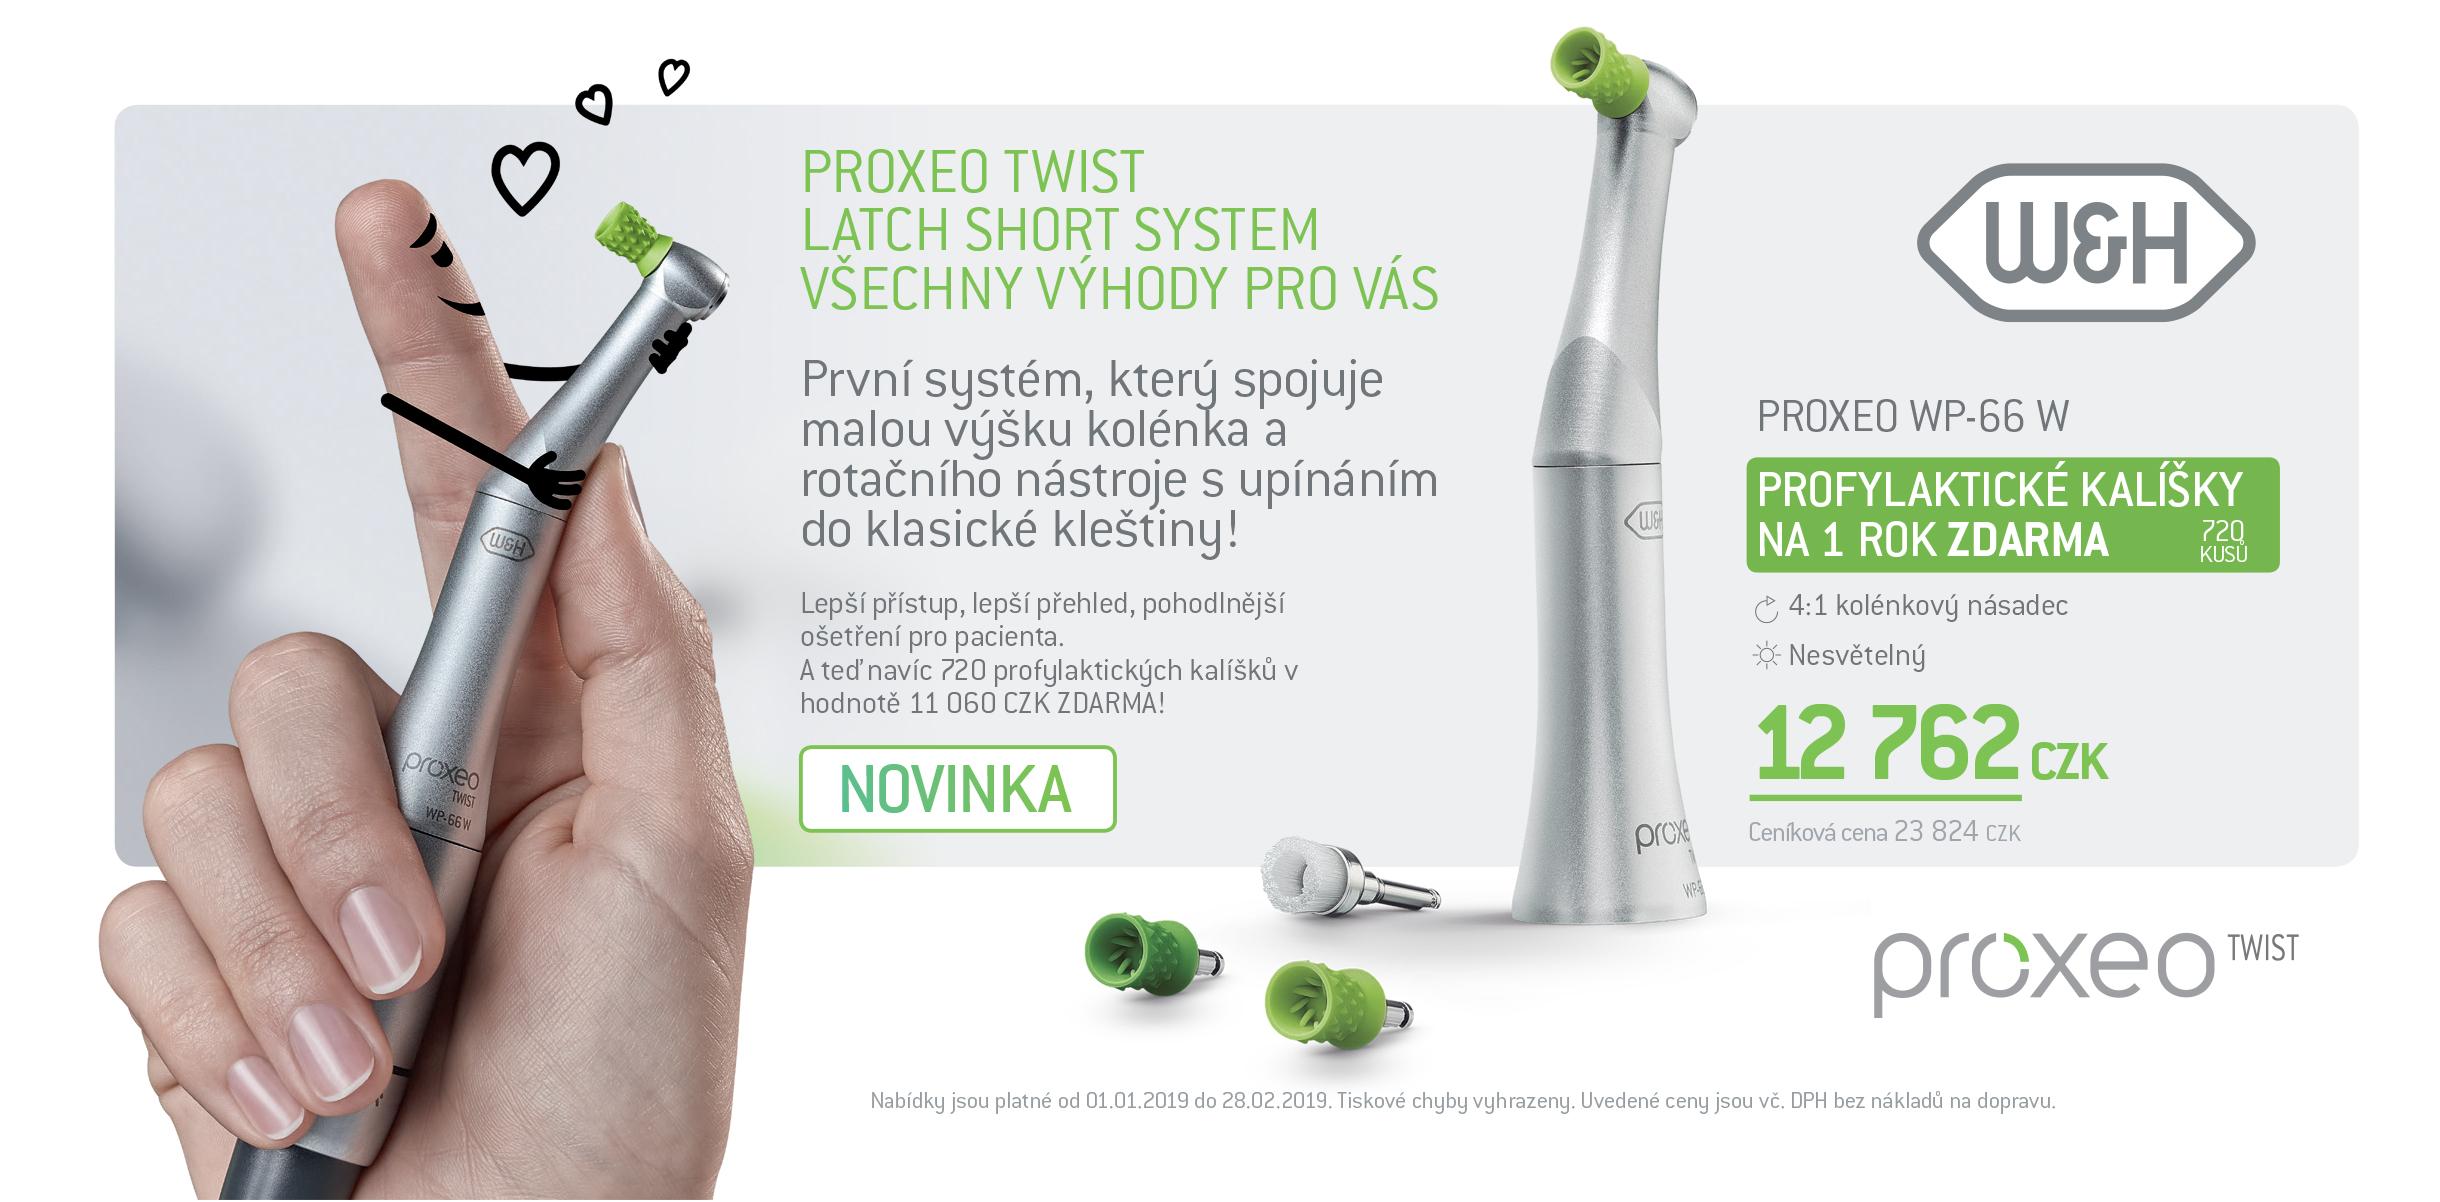 Profylaktický kolénkový násadec Proxeo TWIST Latch Short + profylaktické kalíšky/kartáčky na rok ZDARMA